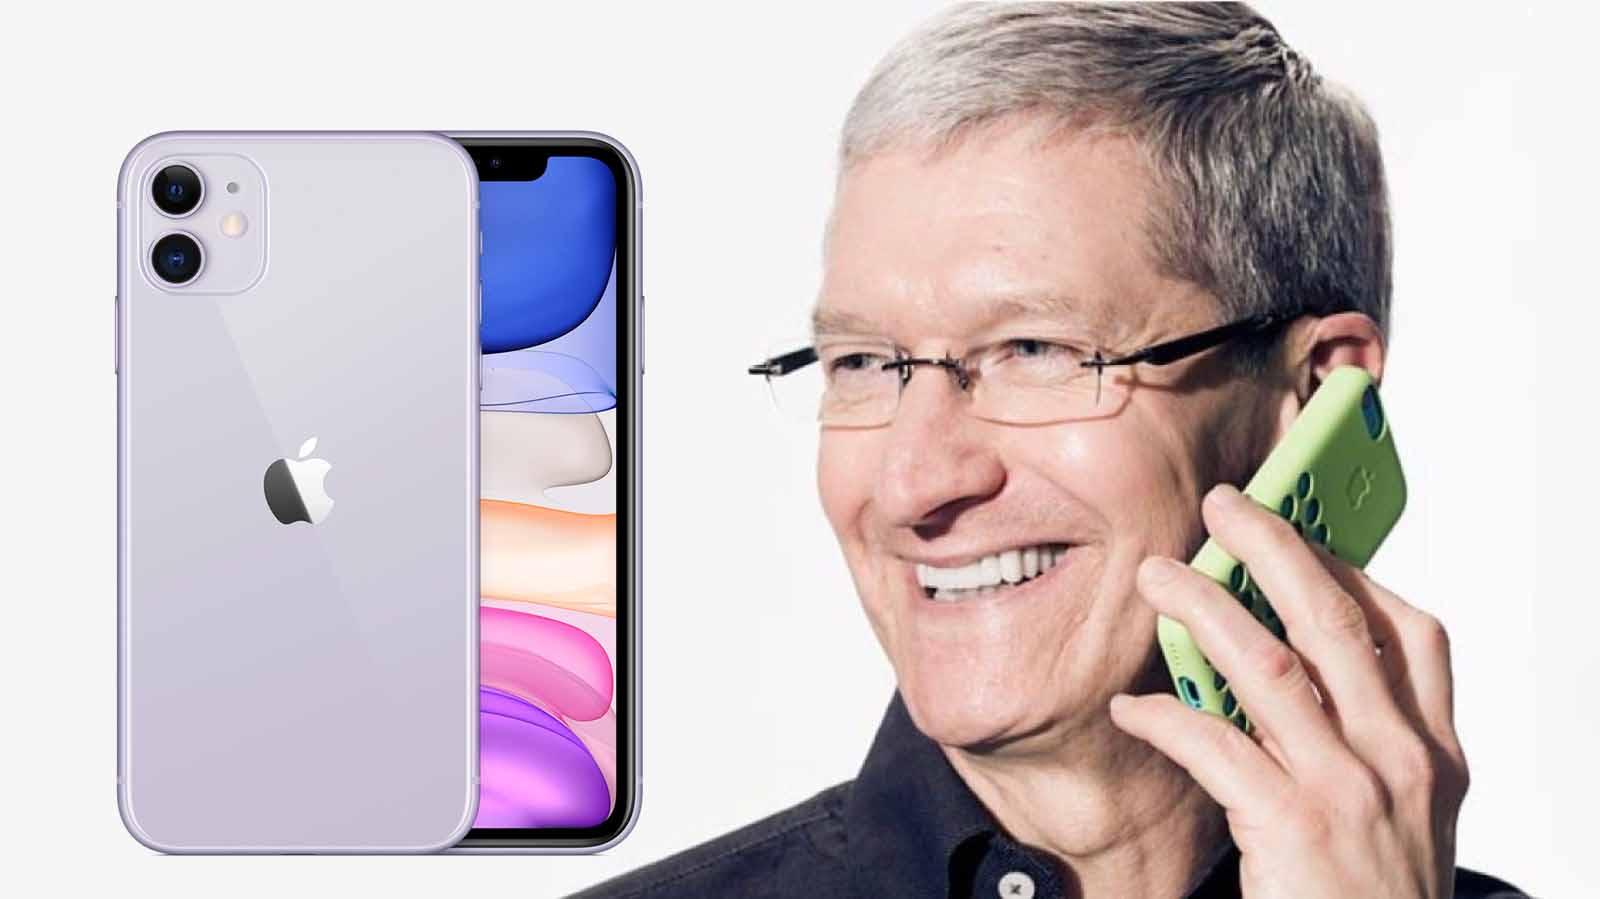 GSM Operatörlerinde iPhone 11 neden yok? Bu saçmalık ne abi?